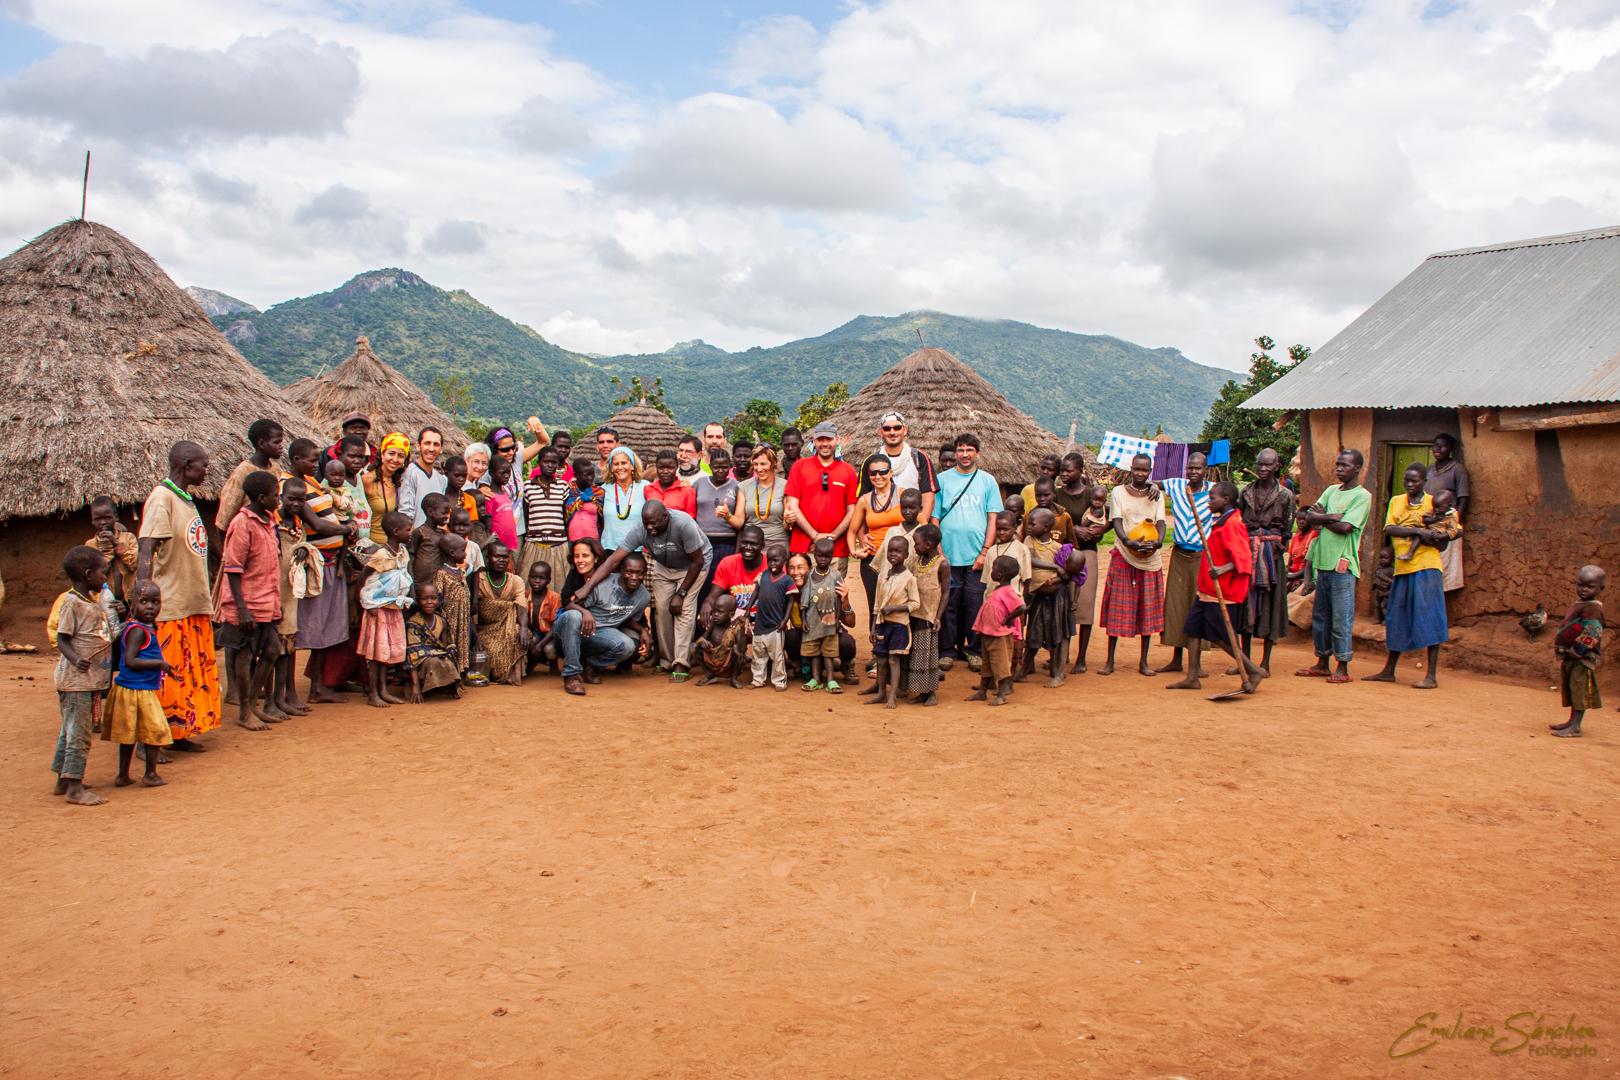 Viajeros del viaje fotográfico a Uganda posando con una tribu.